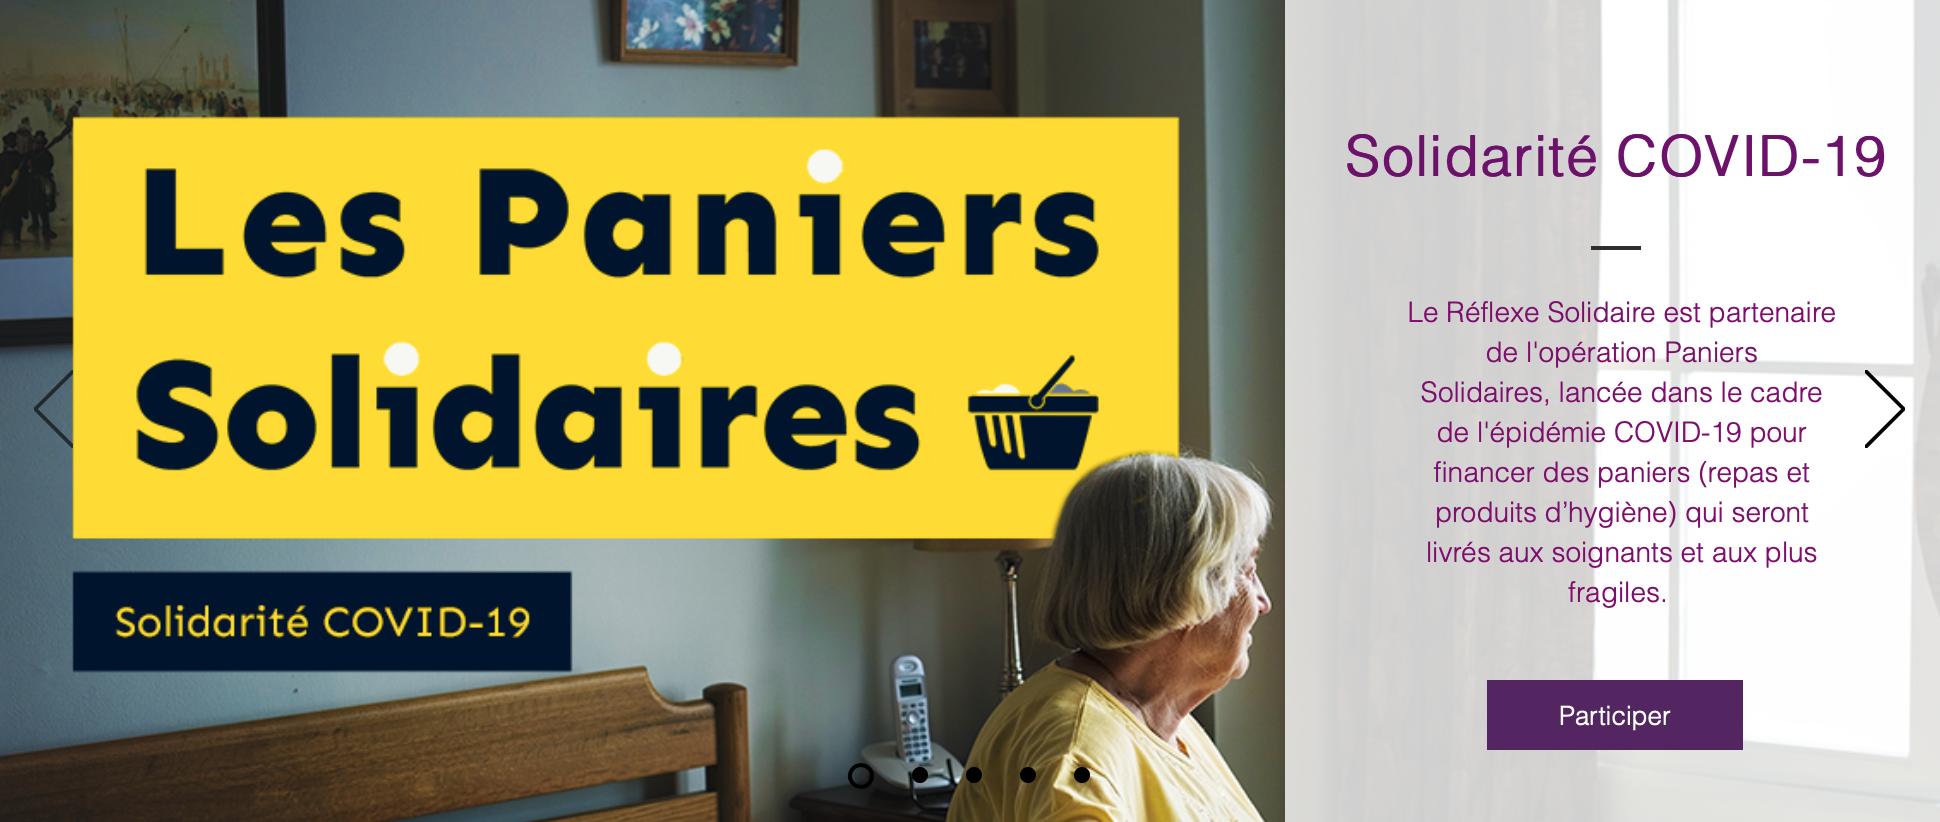 Capture d'écran 2020 03 20 à 18.00.57 - Les Paniers Solidaires : offrons des paniers repas pour les soignants et les plus fragiles !